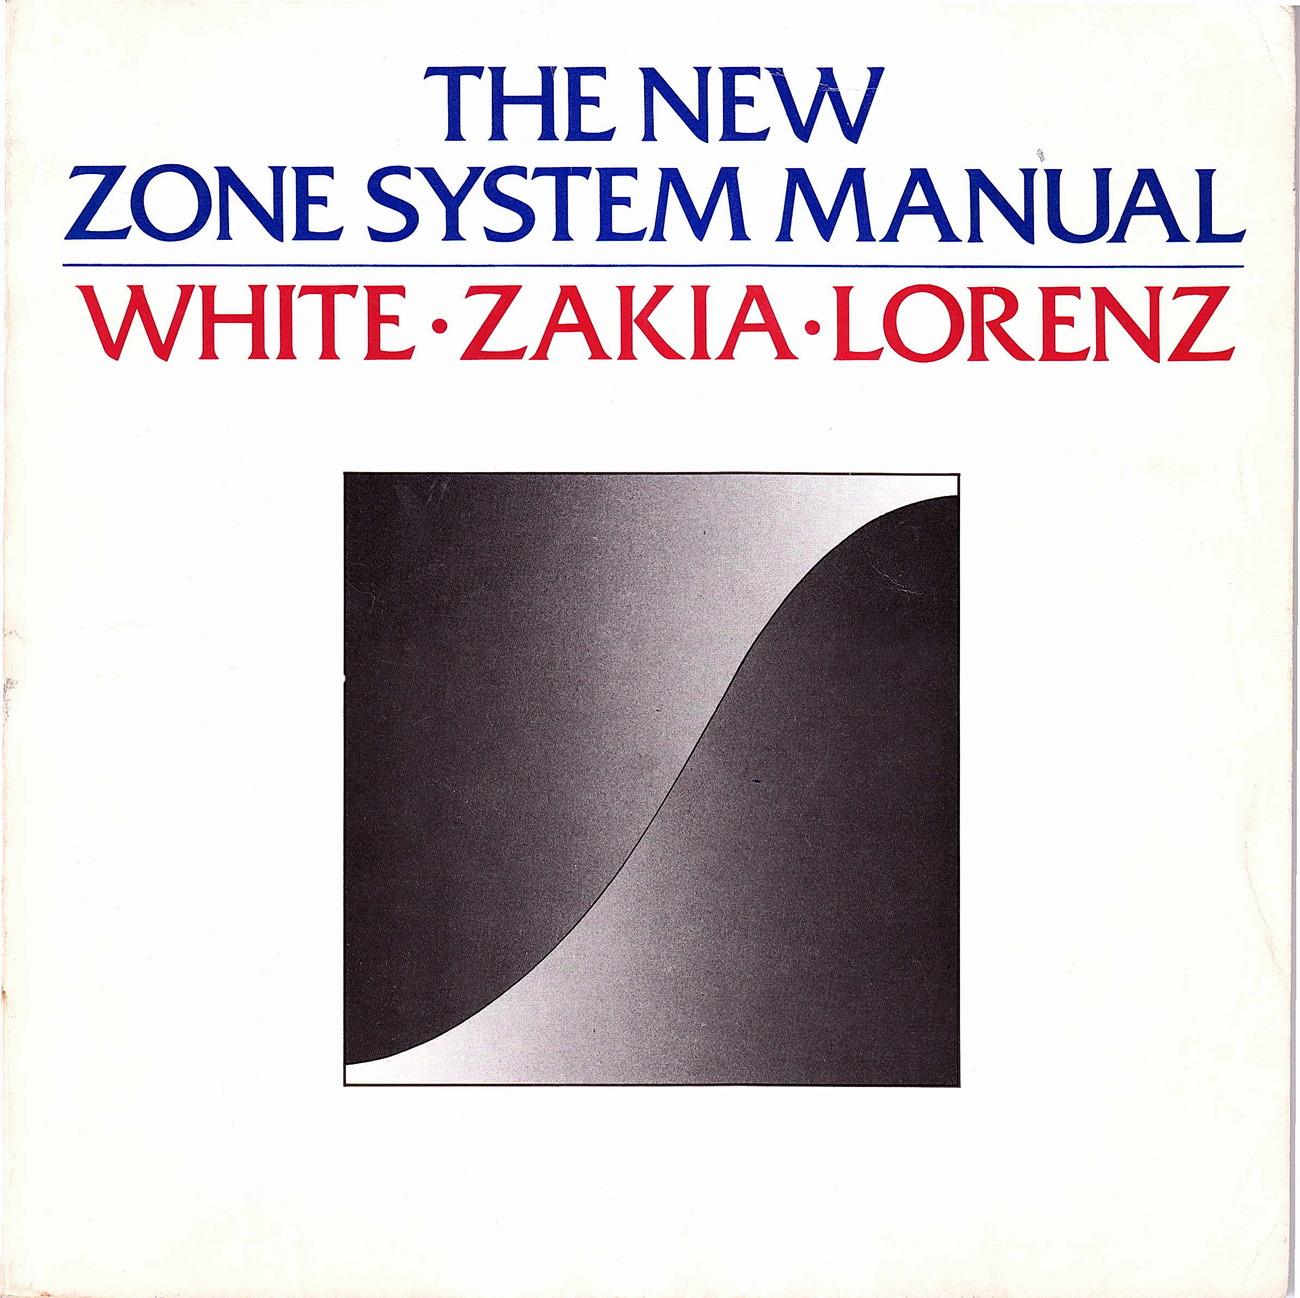 The New Zone System Manual by White-Zakia-Lorenz